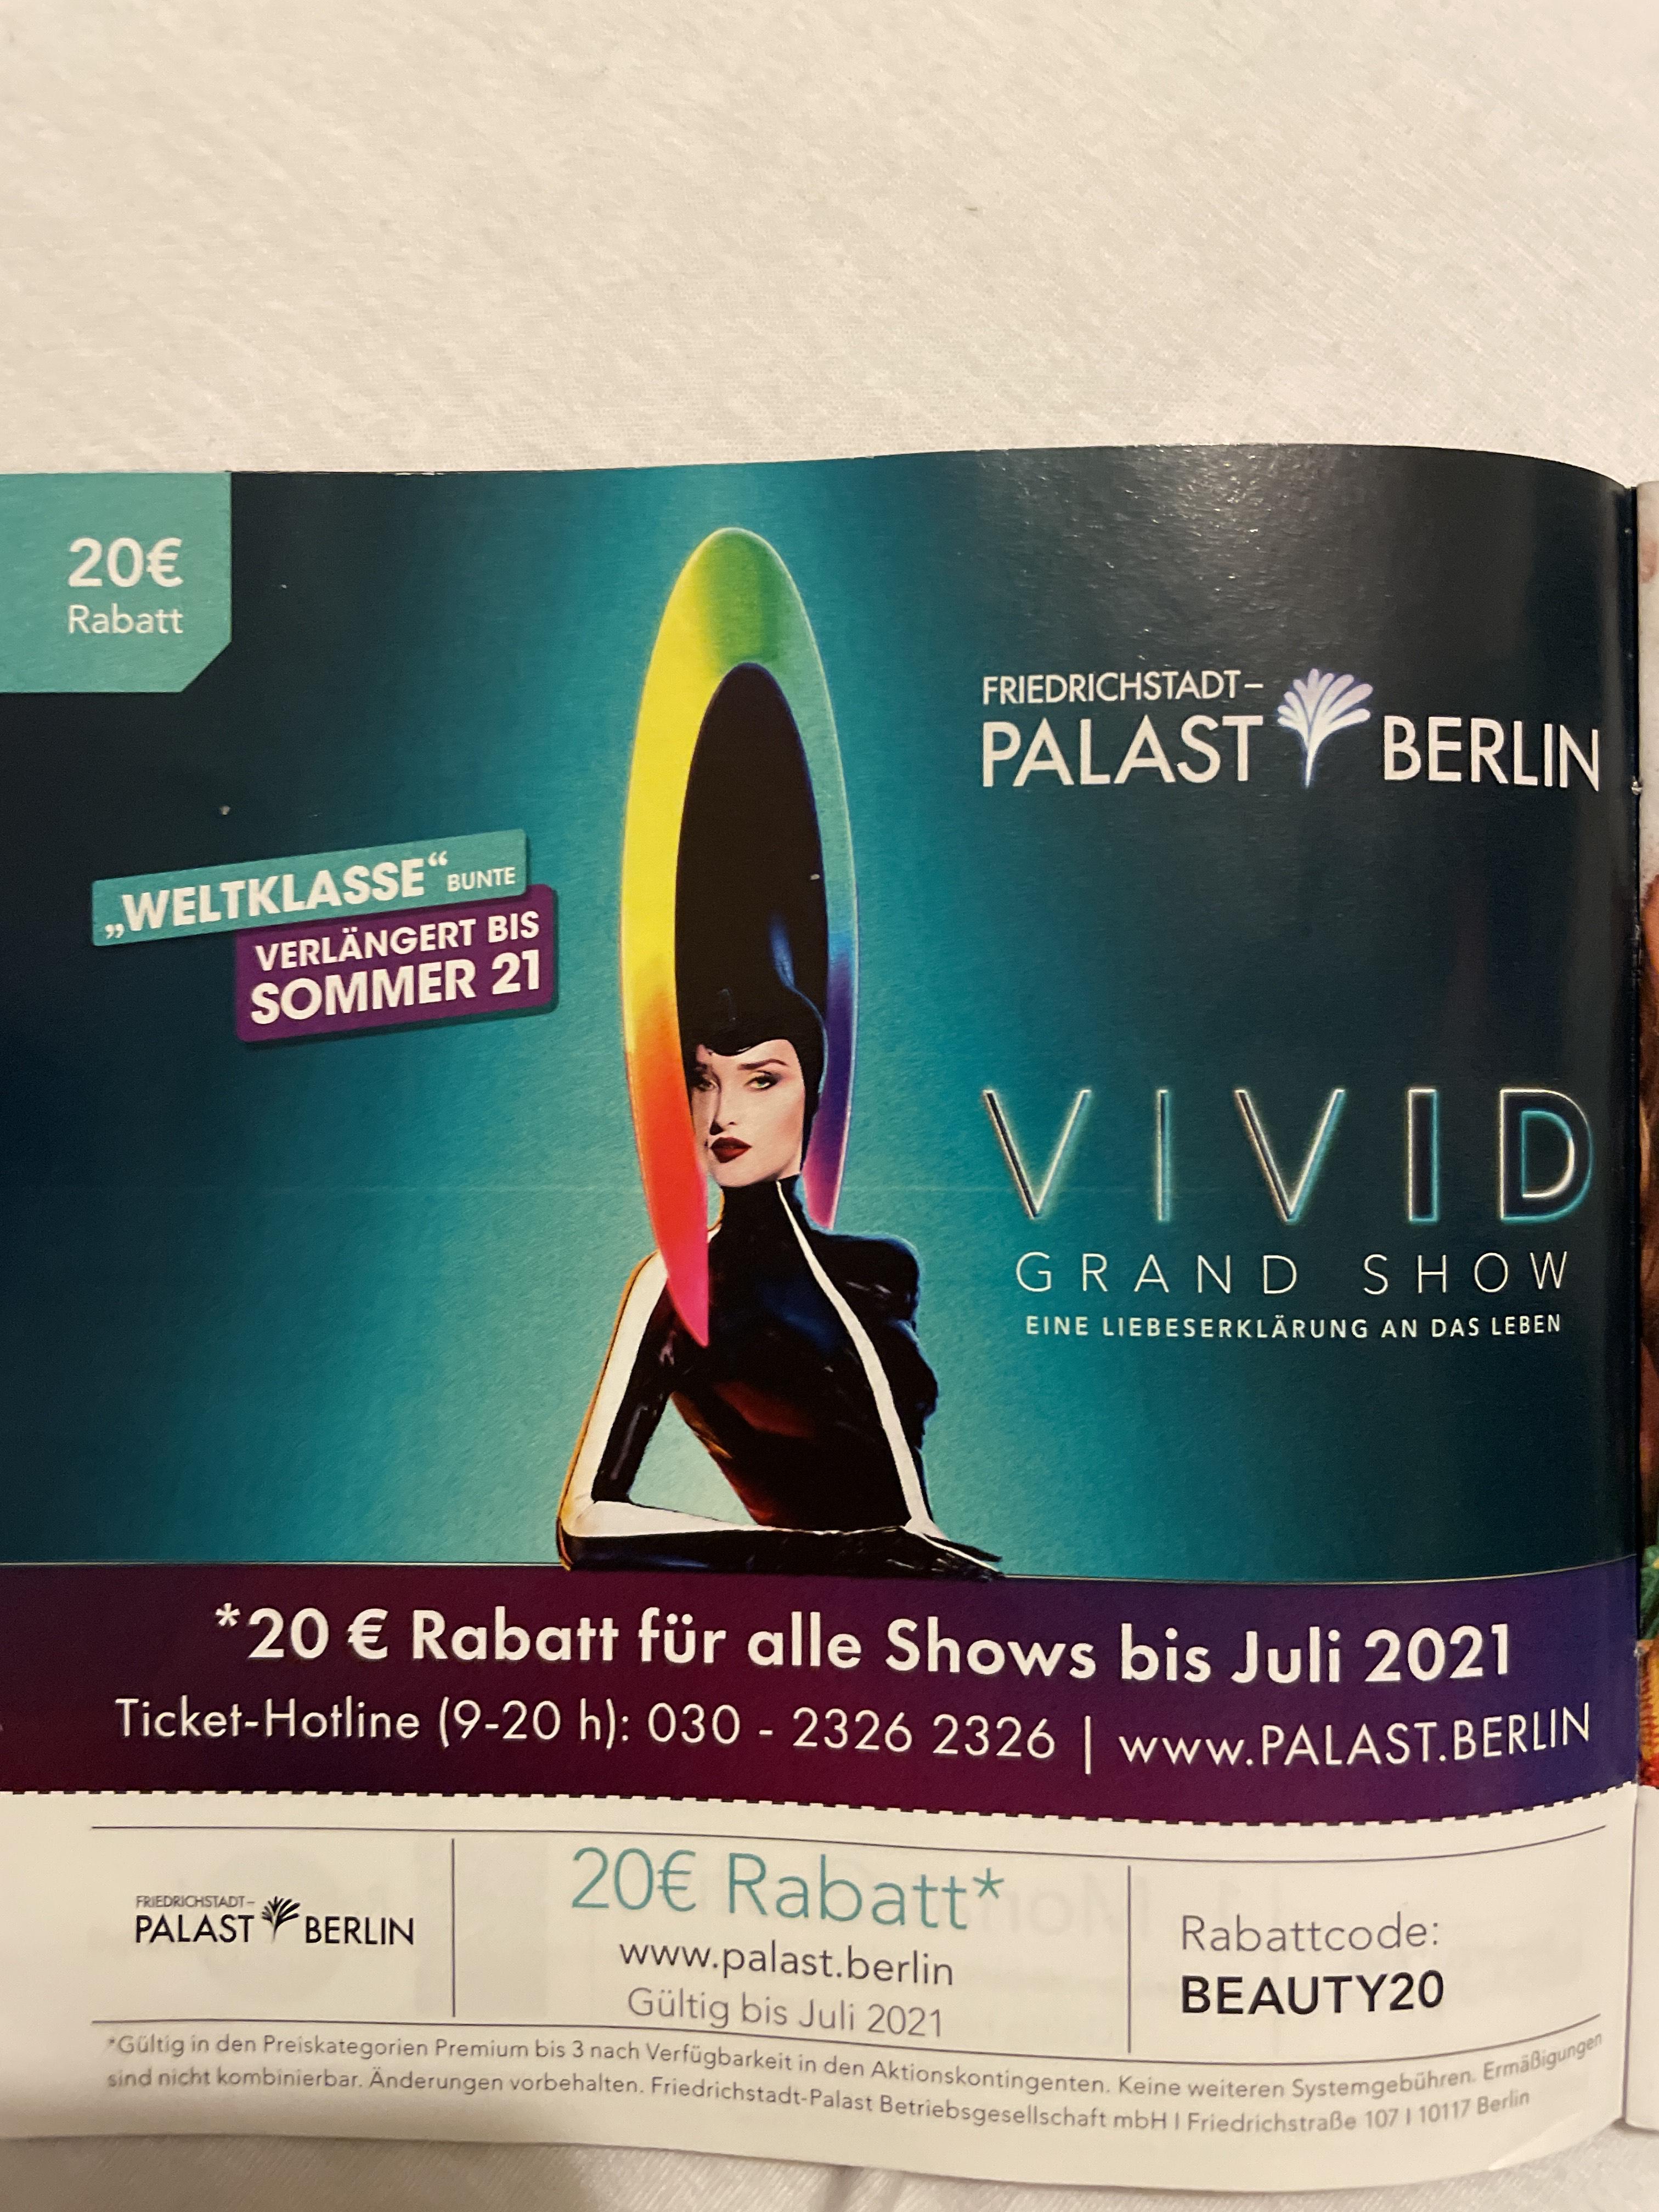 20€ Rabatt für alle Shows bis Juli 2021